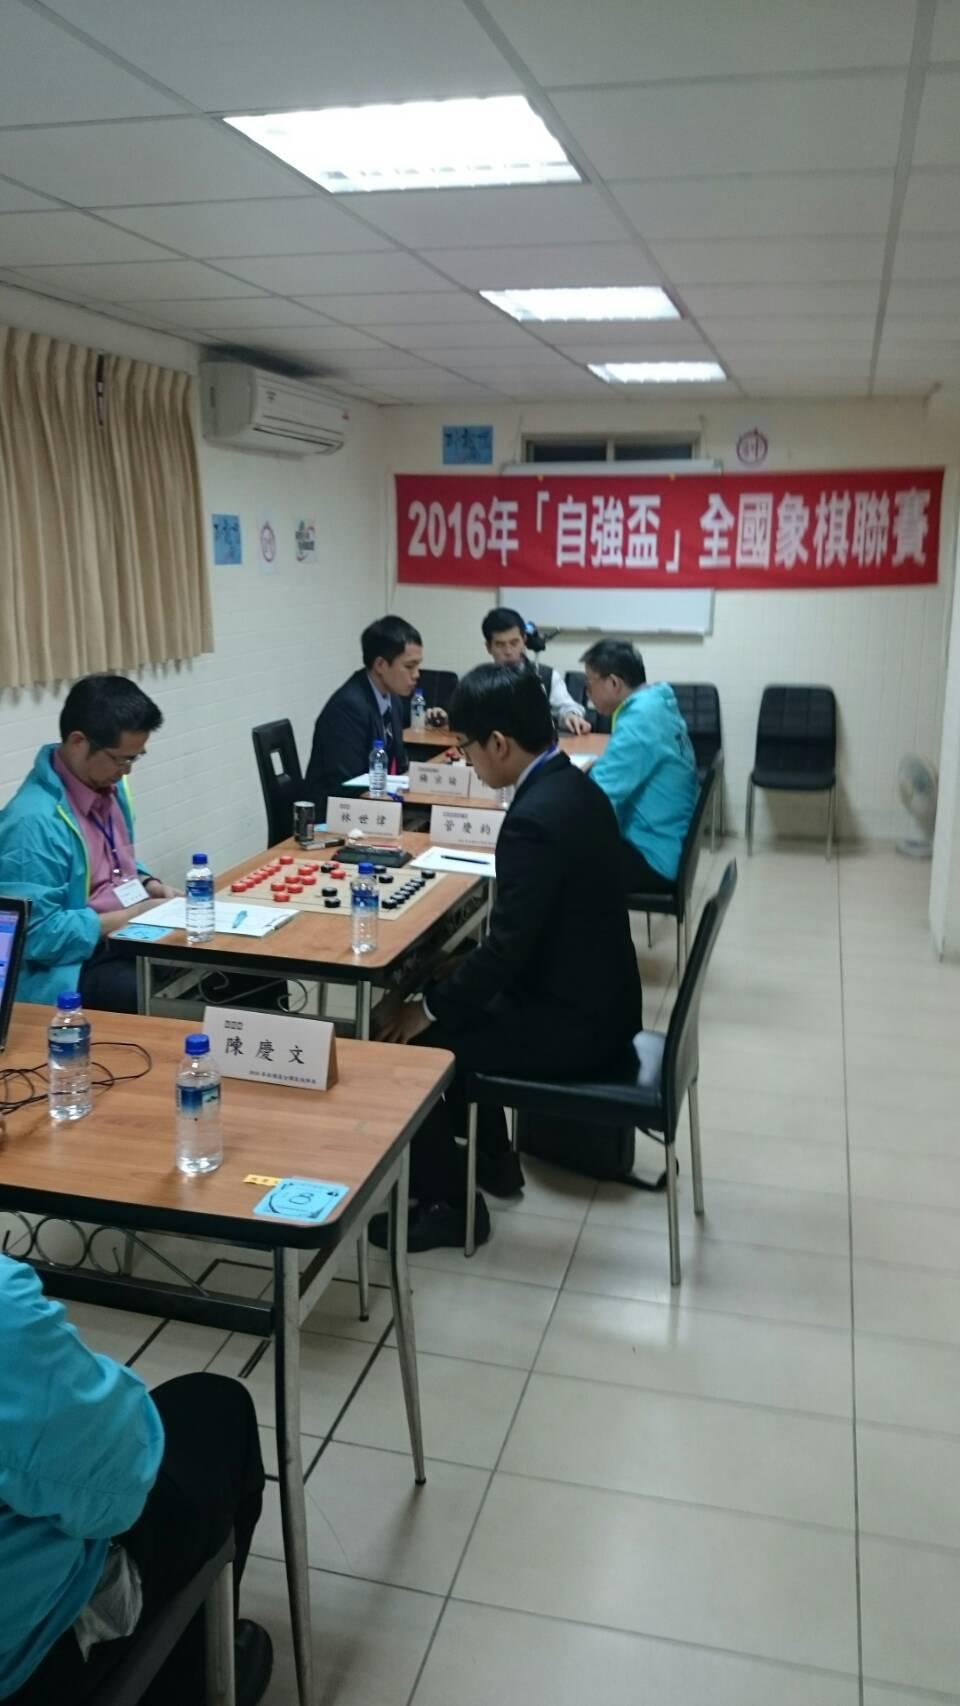 2016年自強盃全國象棋錦標賽